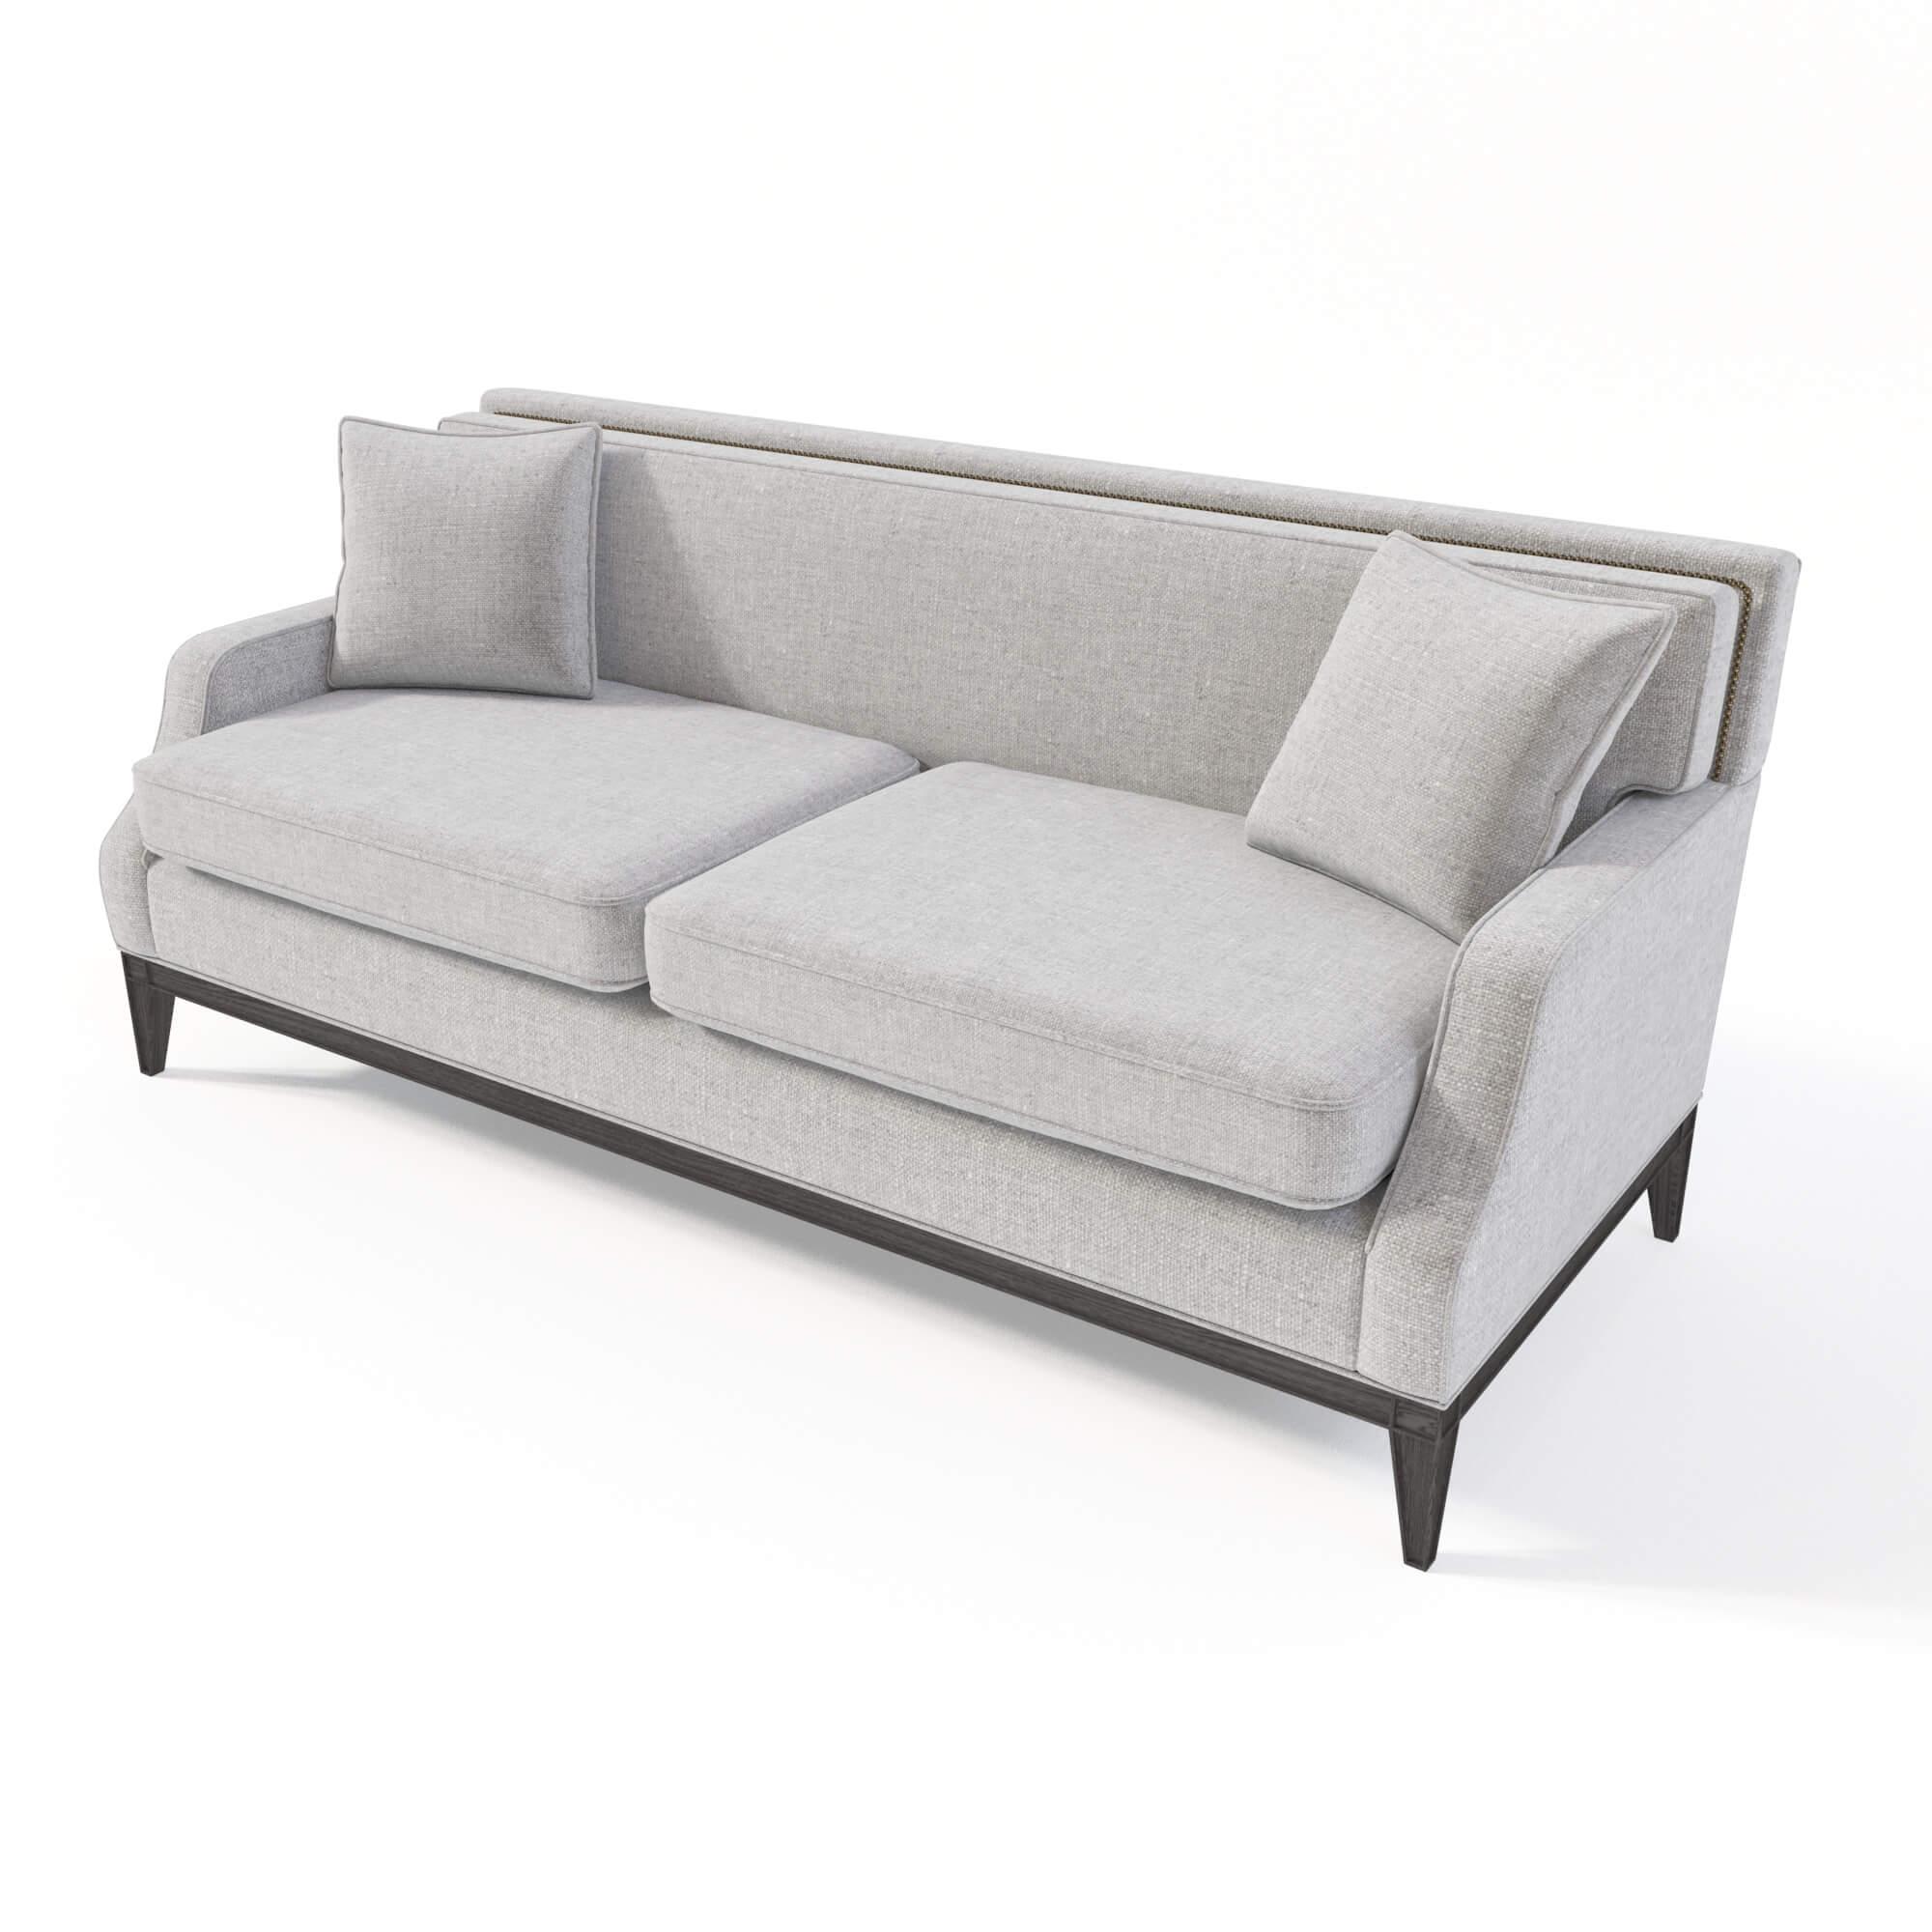 le prix de la modélisation 3D d'un meuble dépend de sa complexité